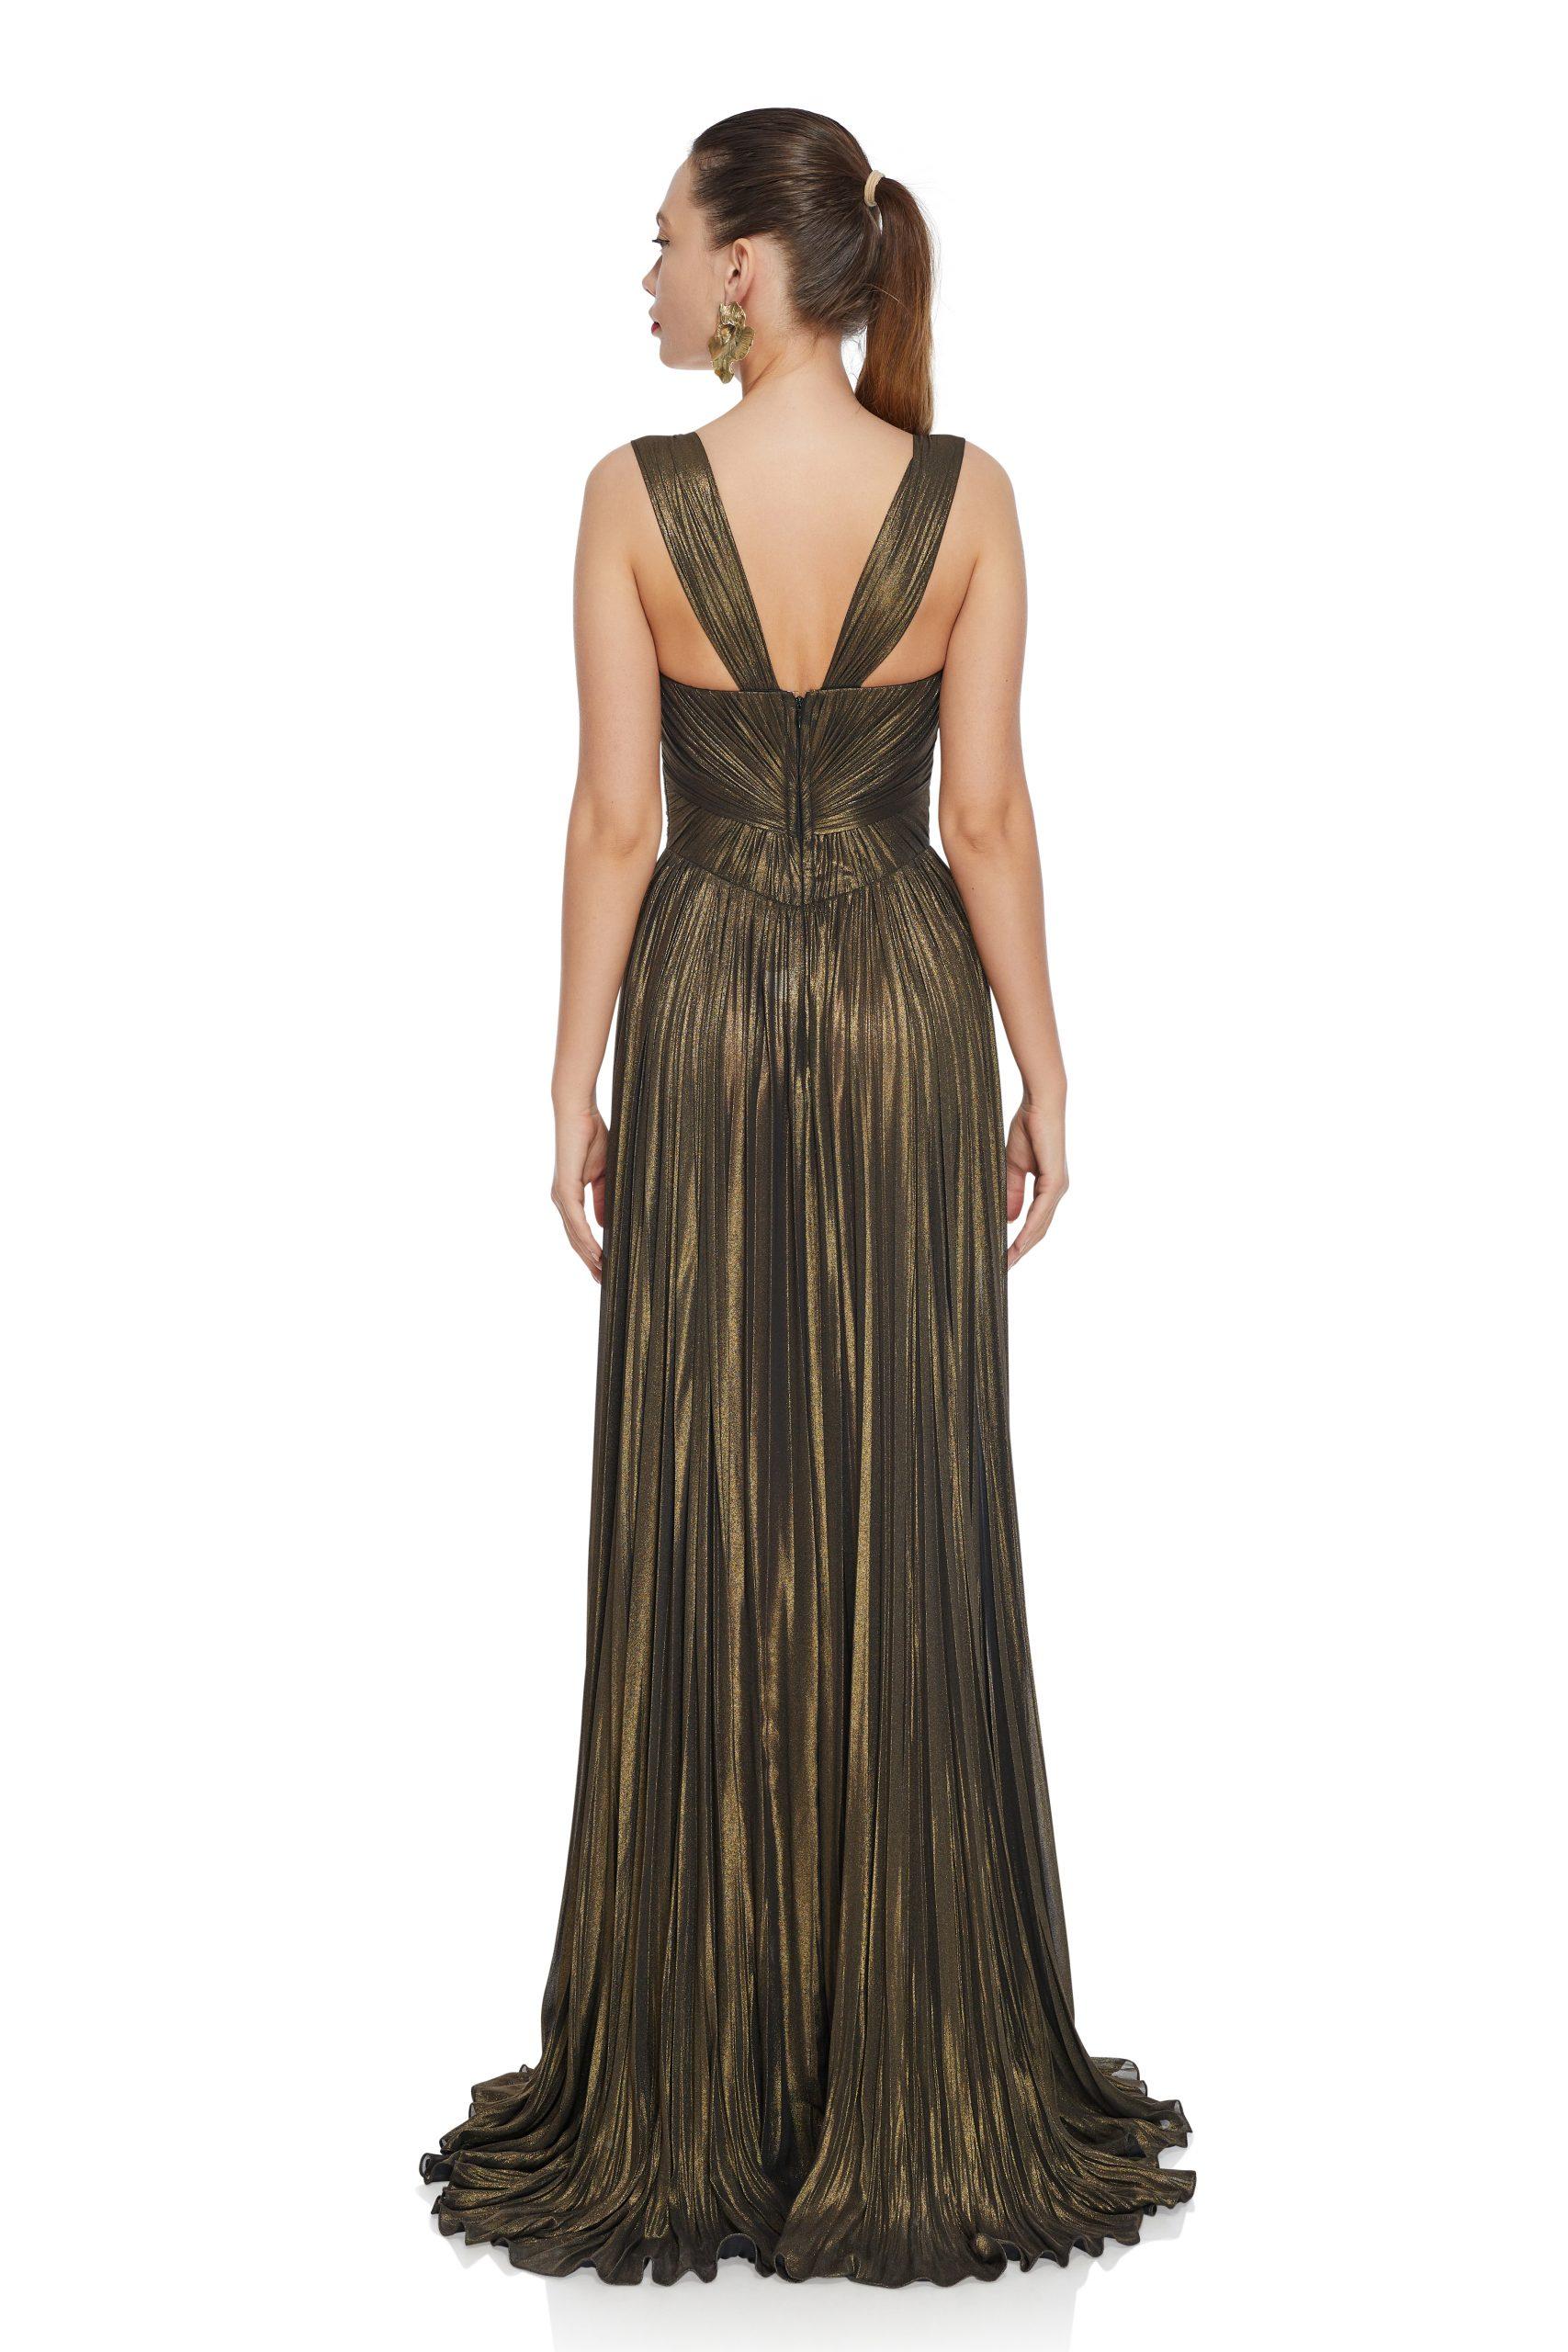 Bronze metallic evening gown